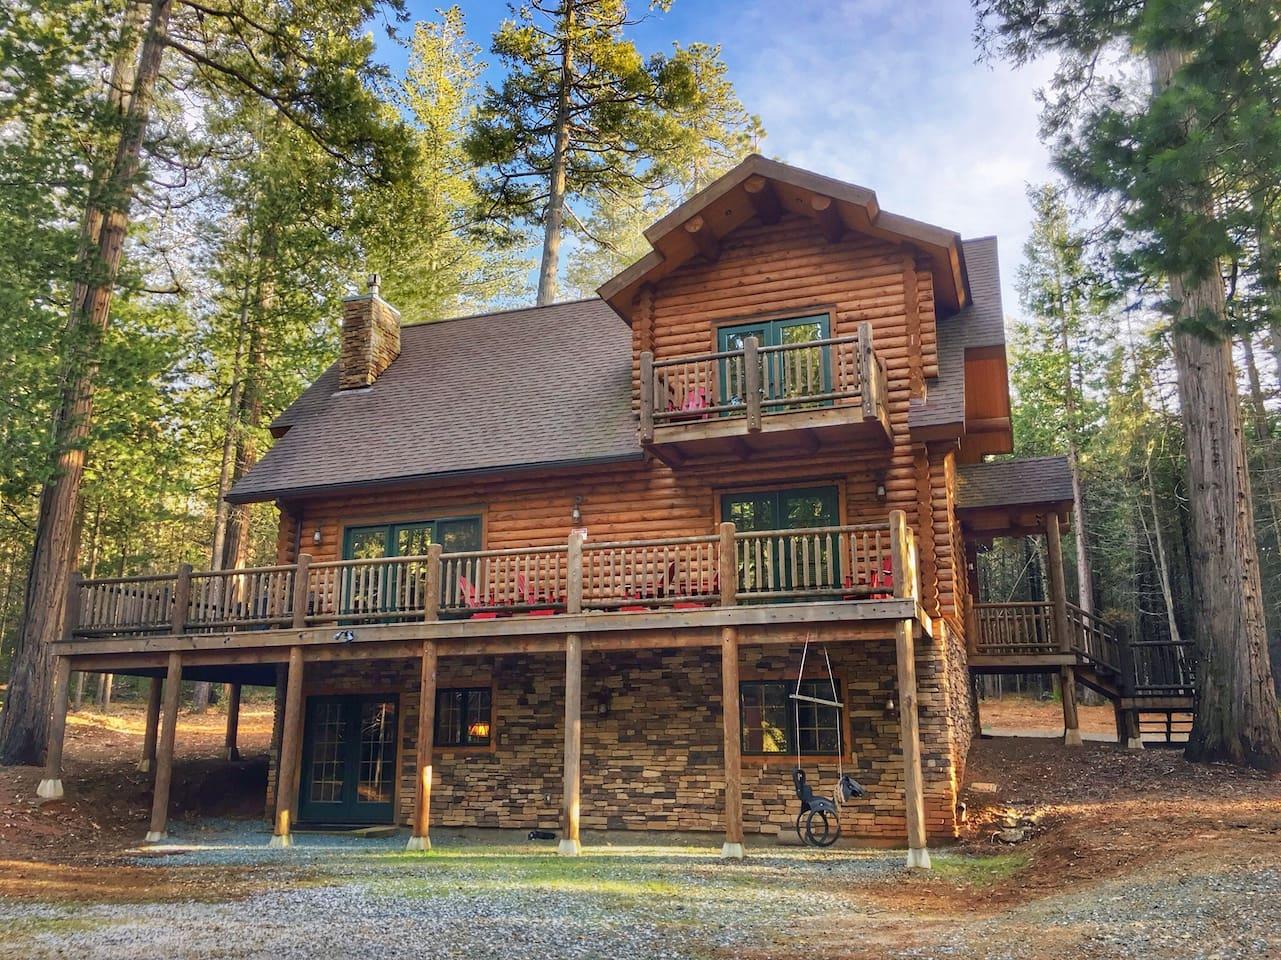 Sam and Khristian's Cabin Gold_creek_cabin_log_cabin_1473762613498_by_saekobusujima1990-dcpjkq1